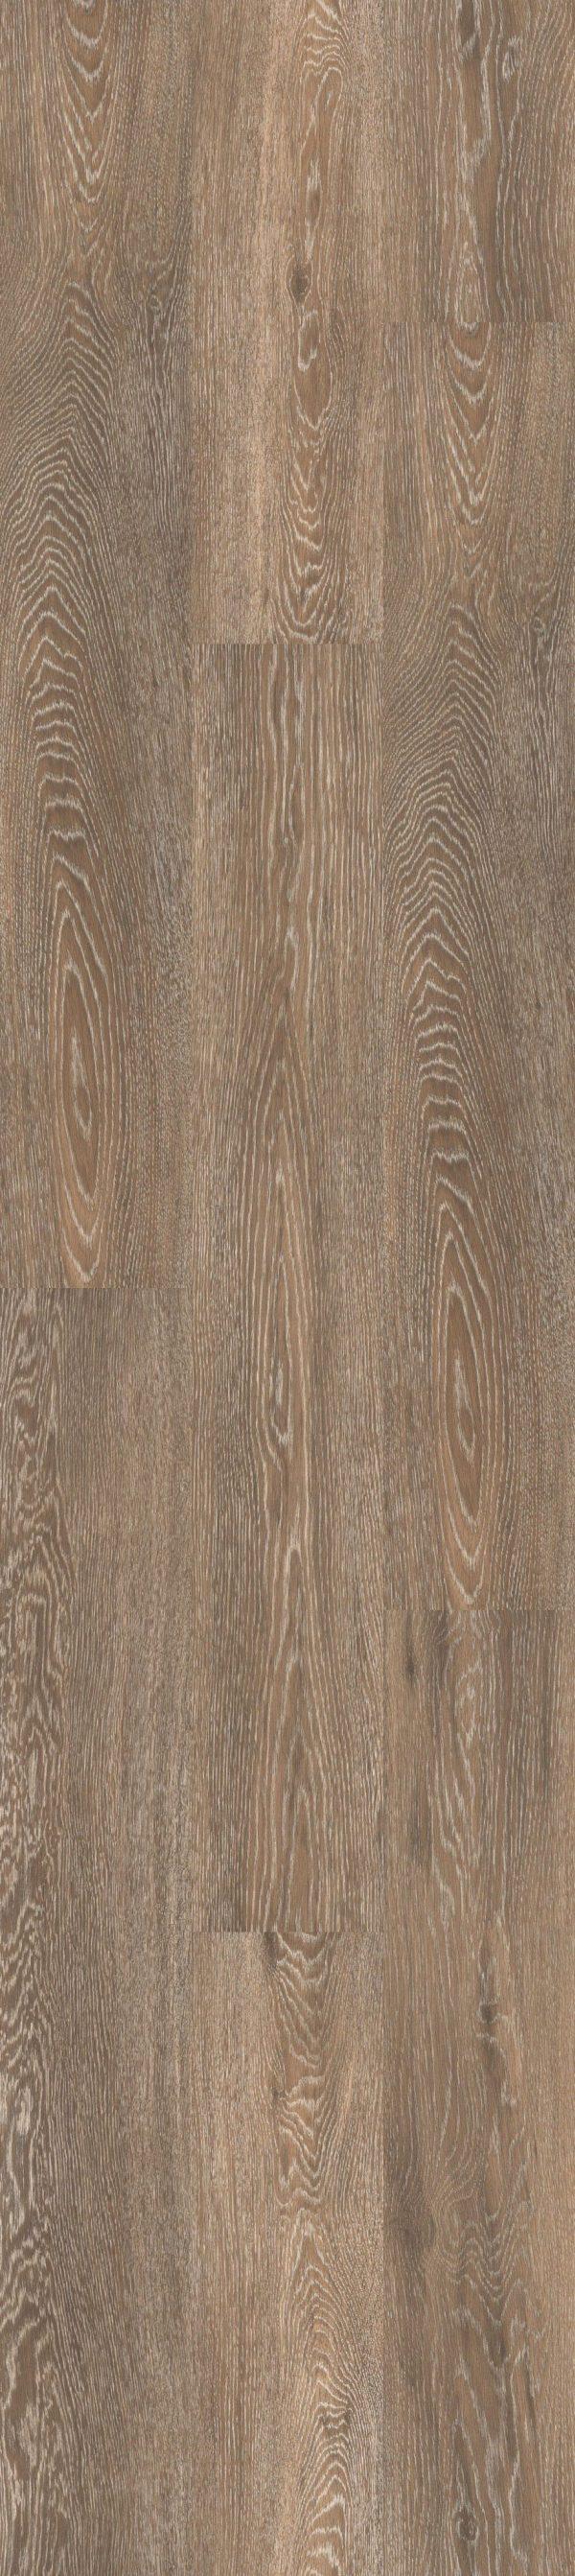 Bergamo Oak